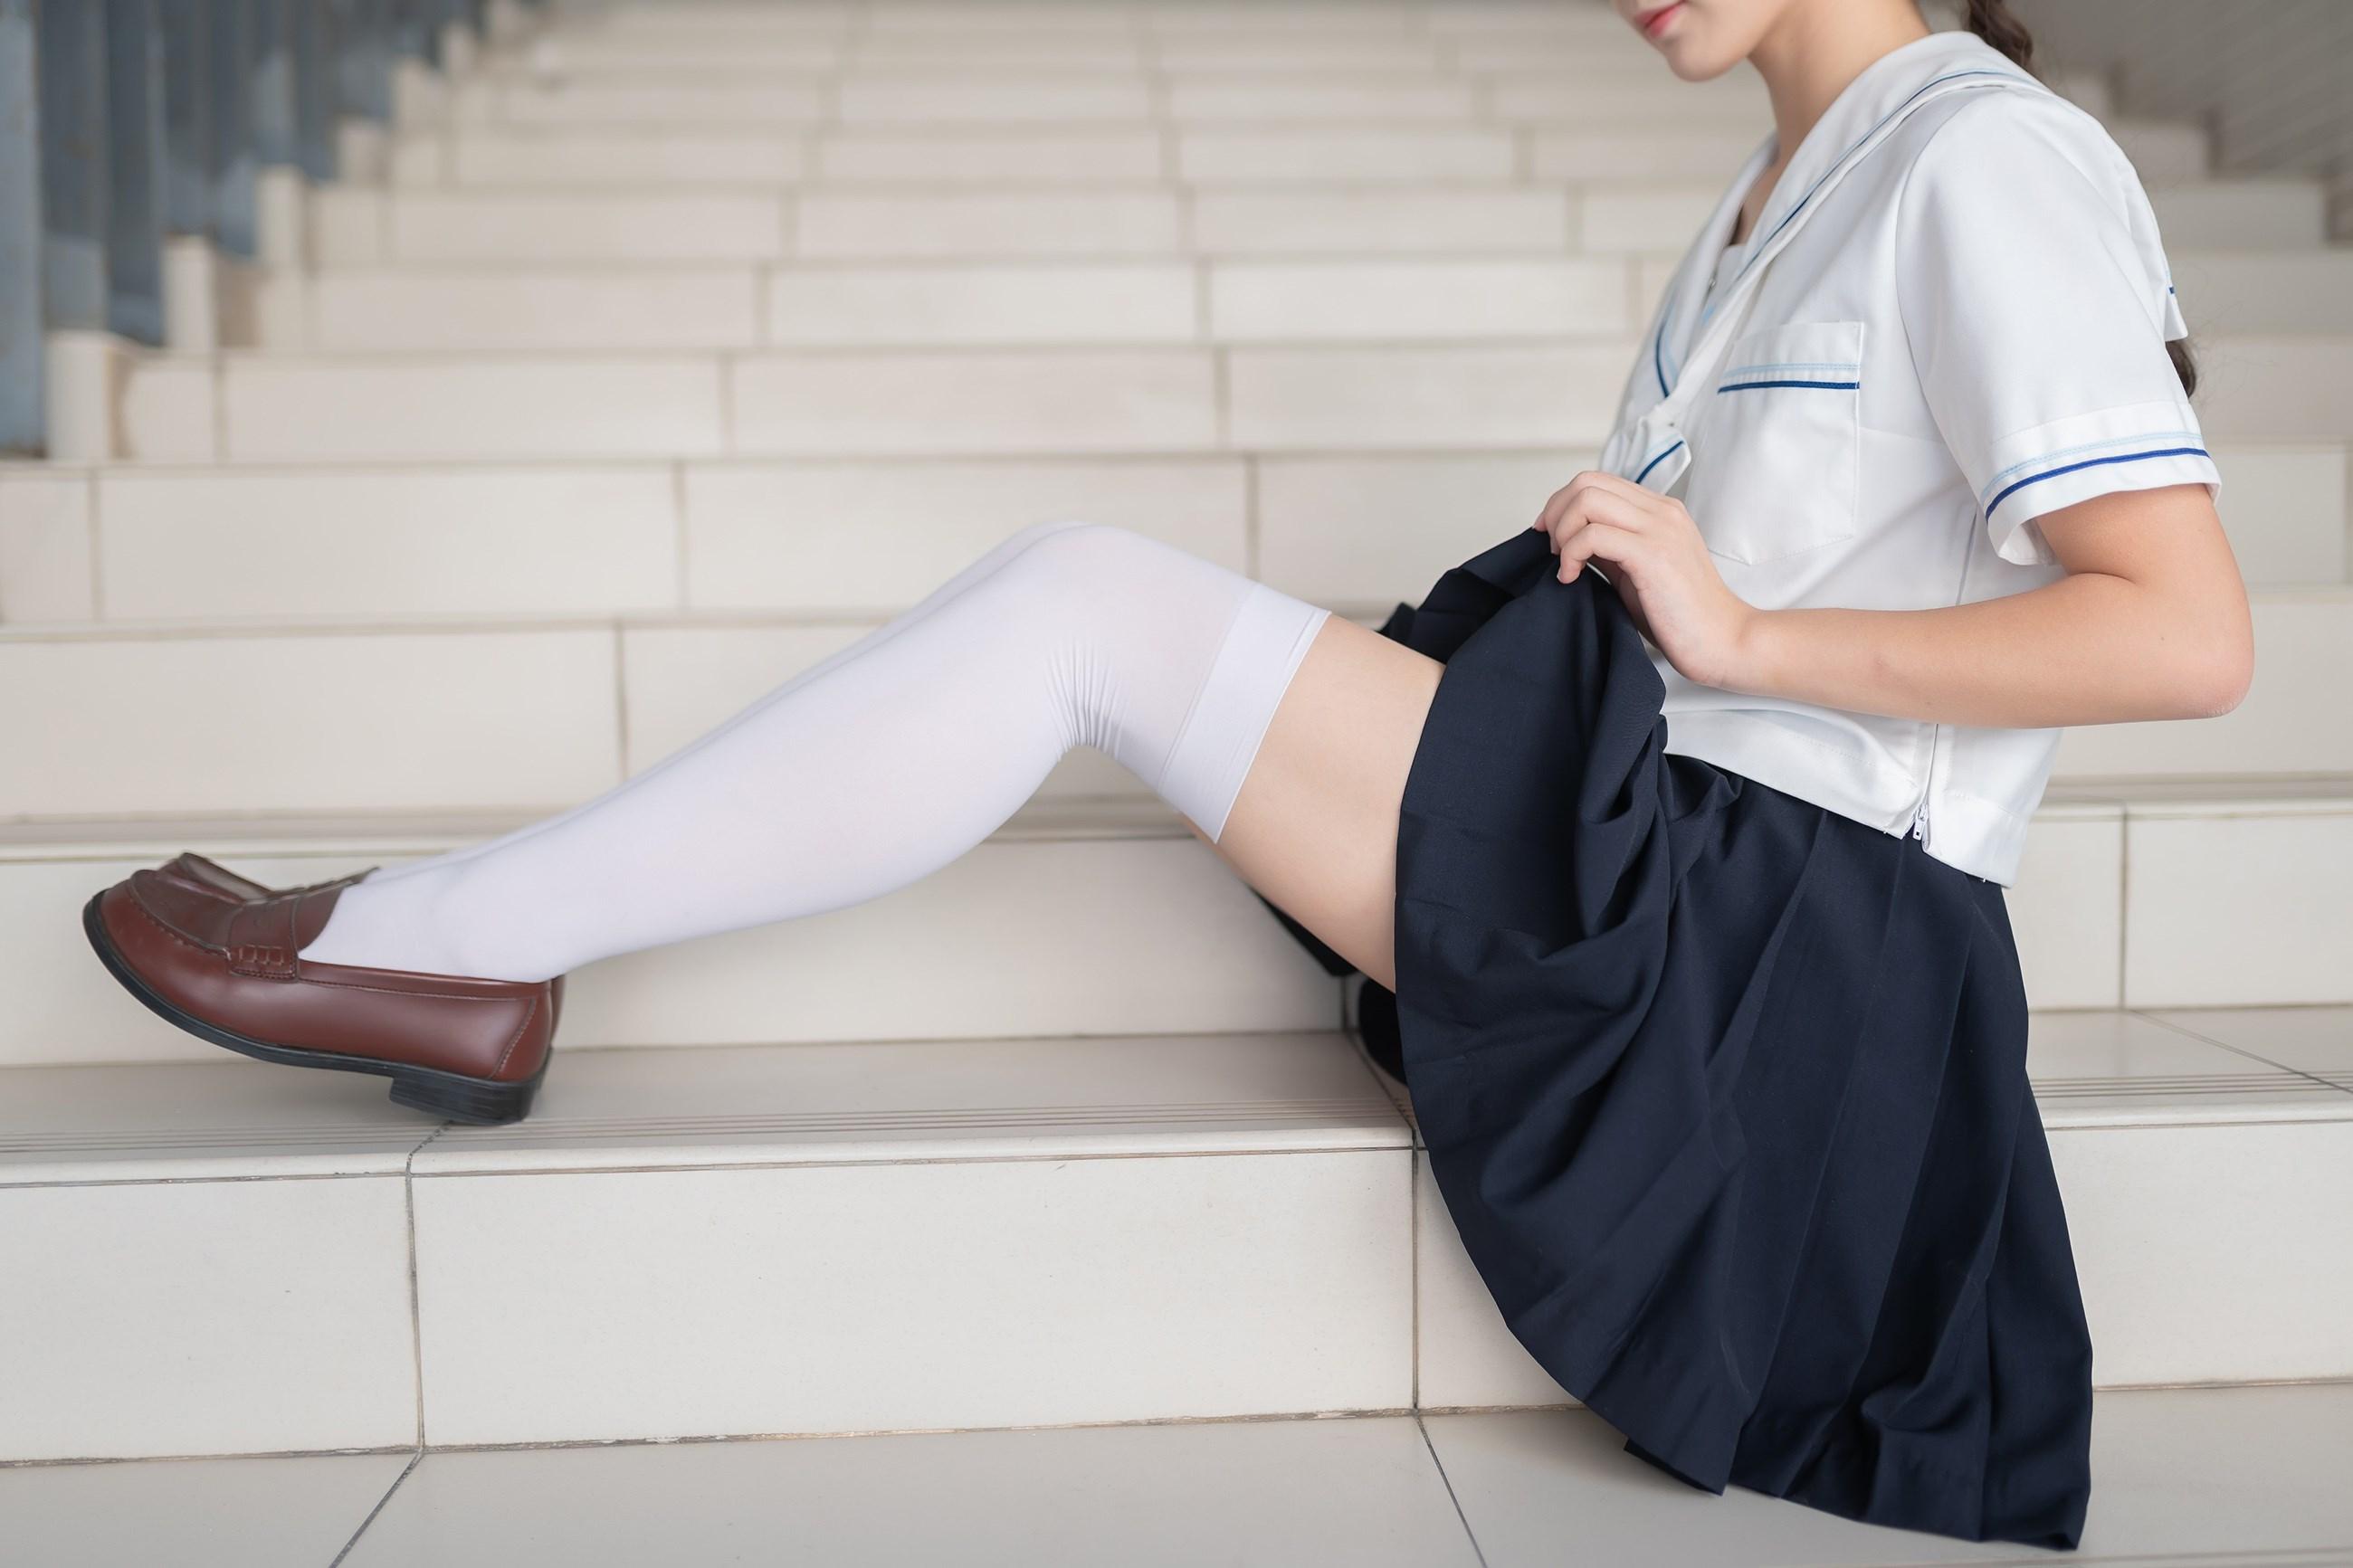 【兔玩映画】楼梯上的白丝少女 兔玩映画 第13张